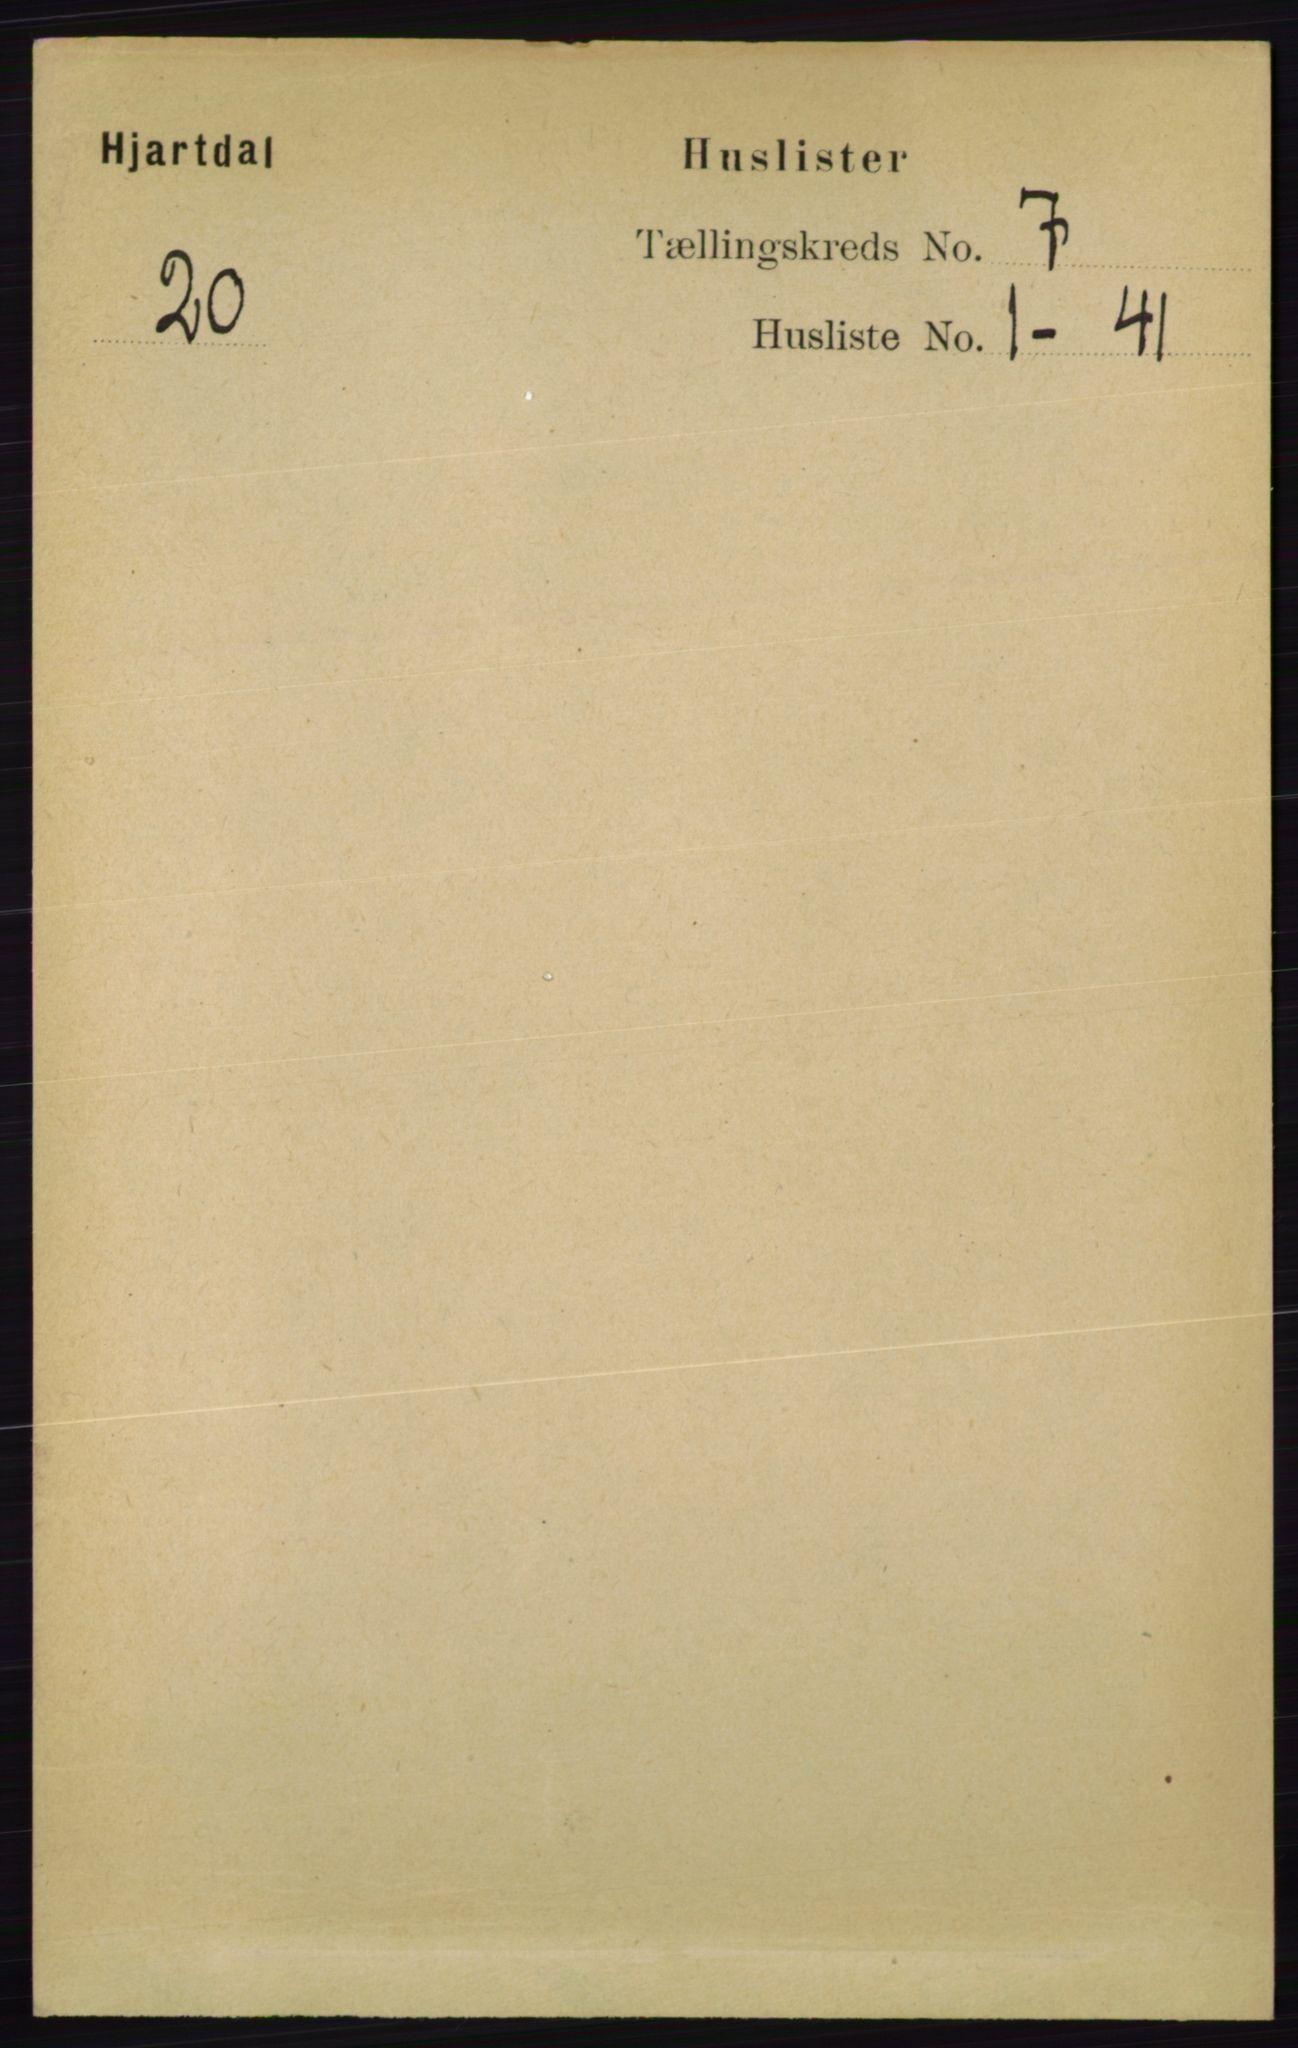 RA, Folketelling 1891 for 0827 Hjartdal herred, 1891, s. 2495